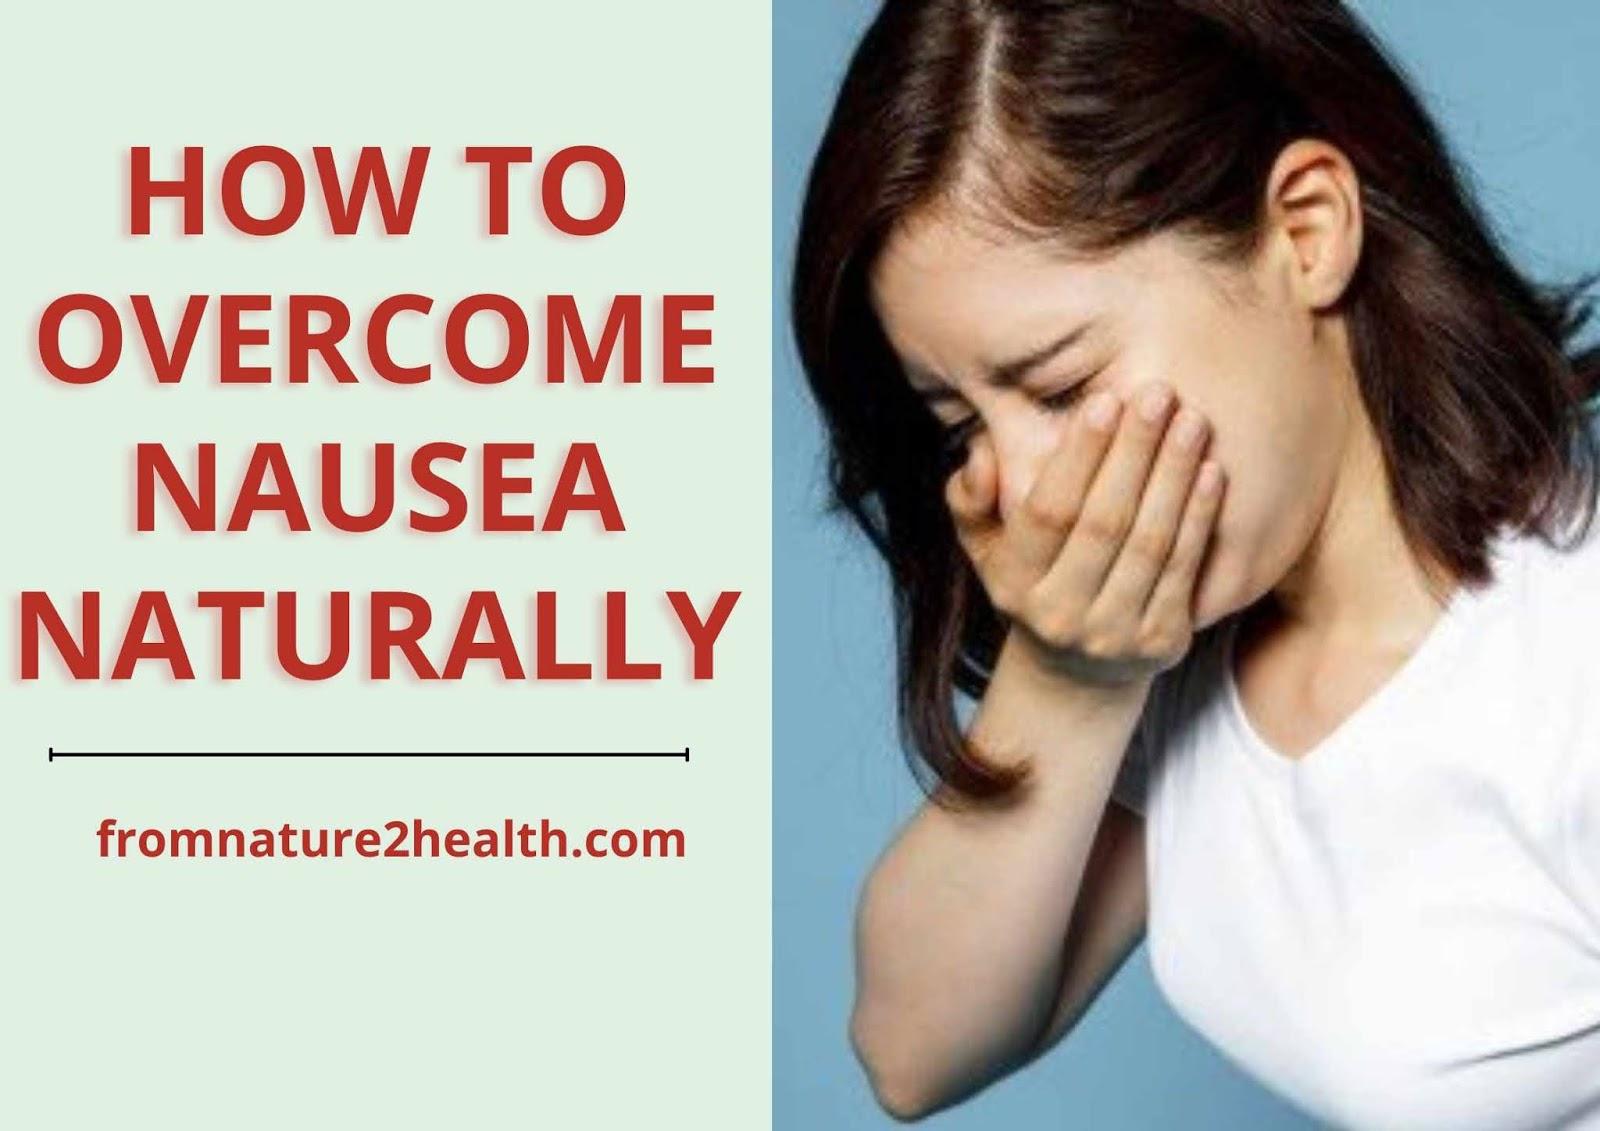 How to Overcome Nausea Naturally